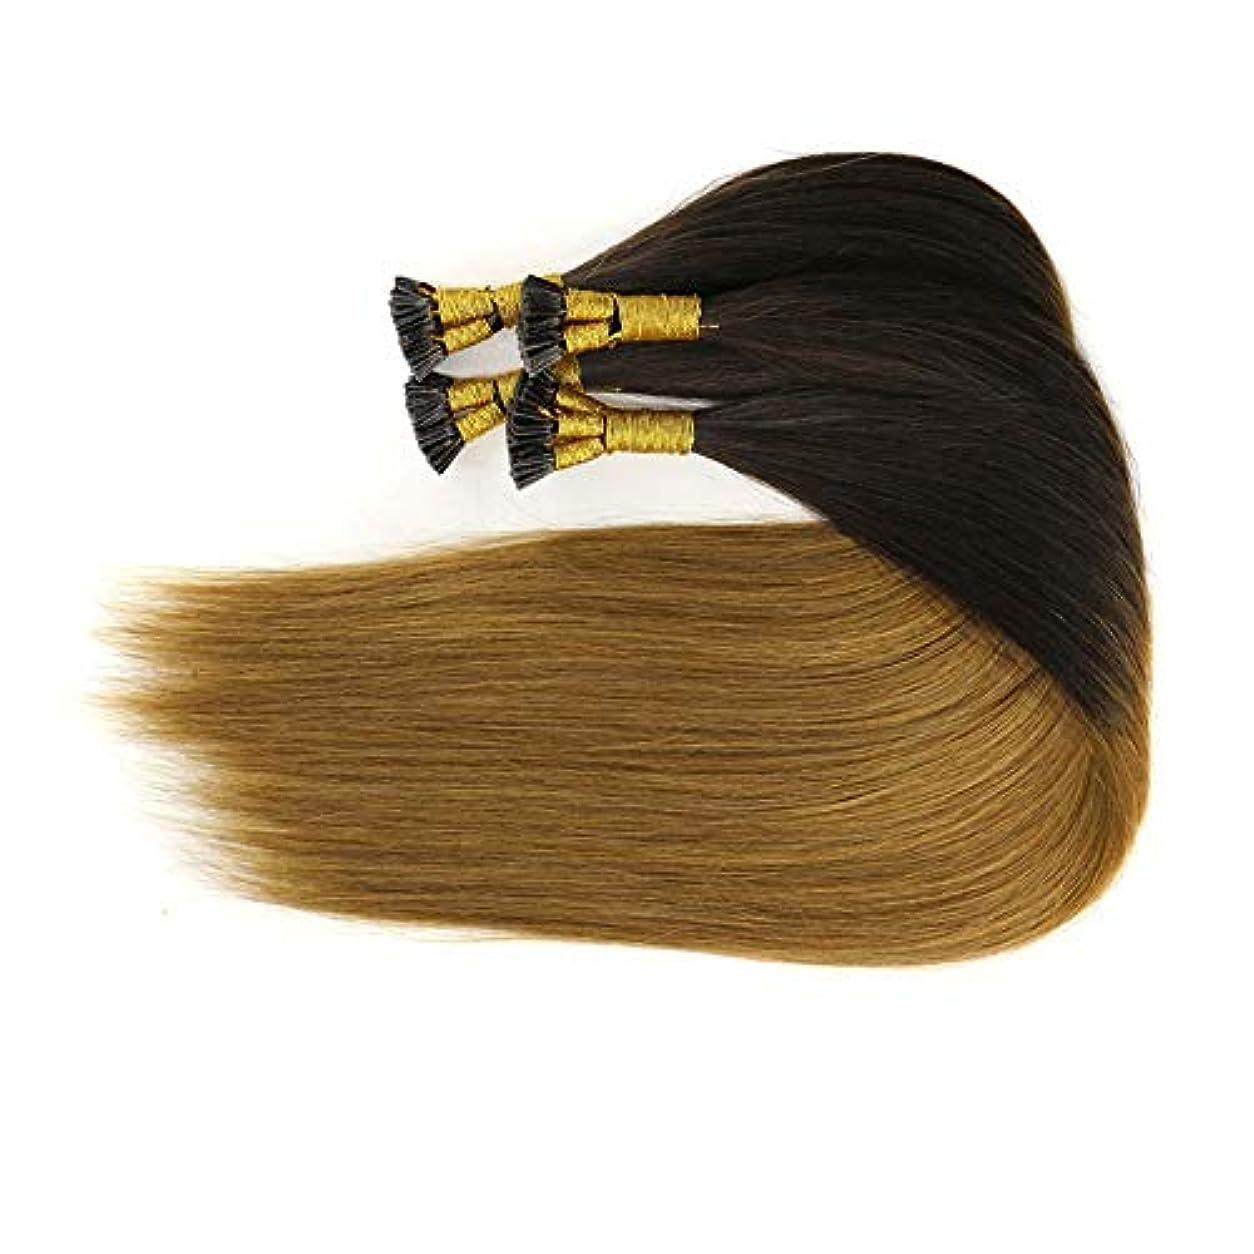 化学者上がるまばたきWASAIO ヘアエクステンションクリップUnseamed髪型オンブルブラウンサワー根ざしたブラジルの人間レミーヘアエクステンションナノリングヘアエクステンション (色 : ブラウン, サイズ : 16 inch)